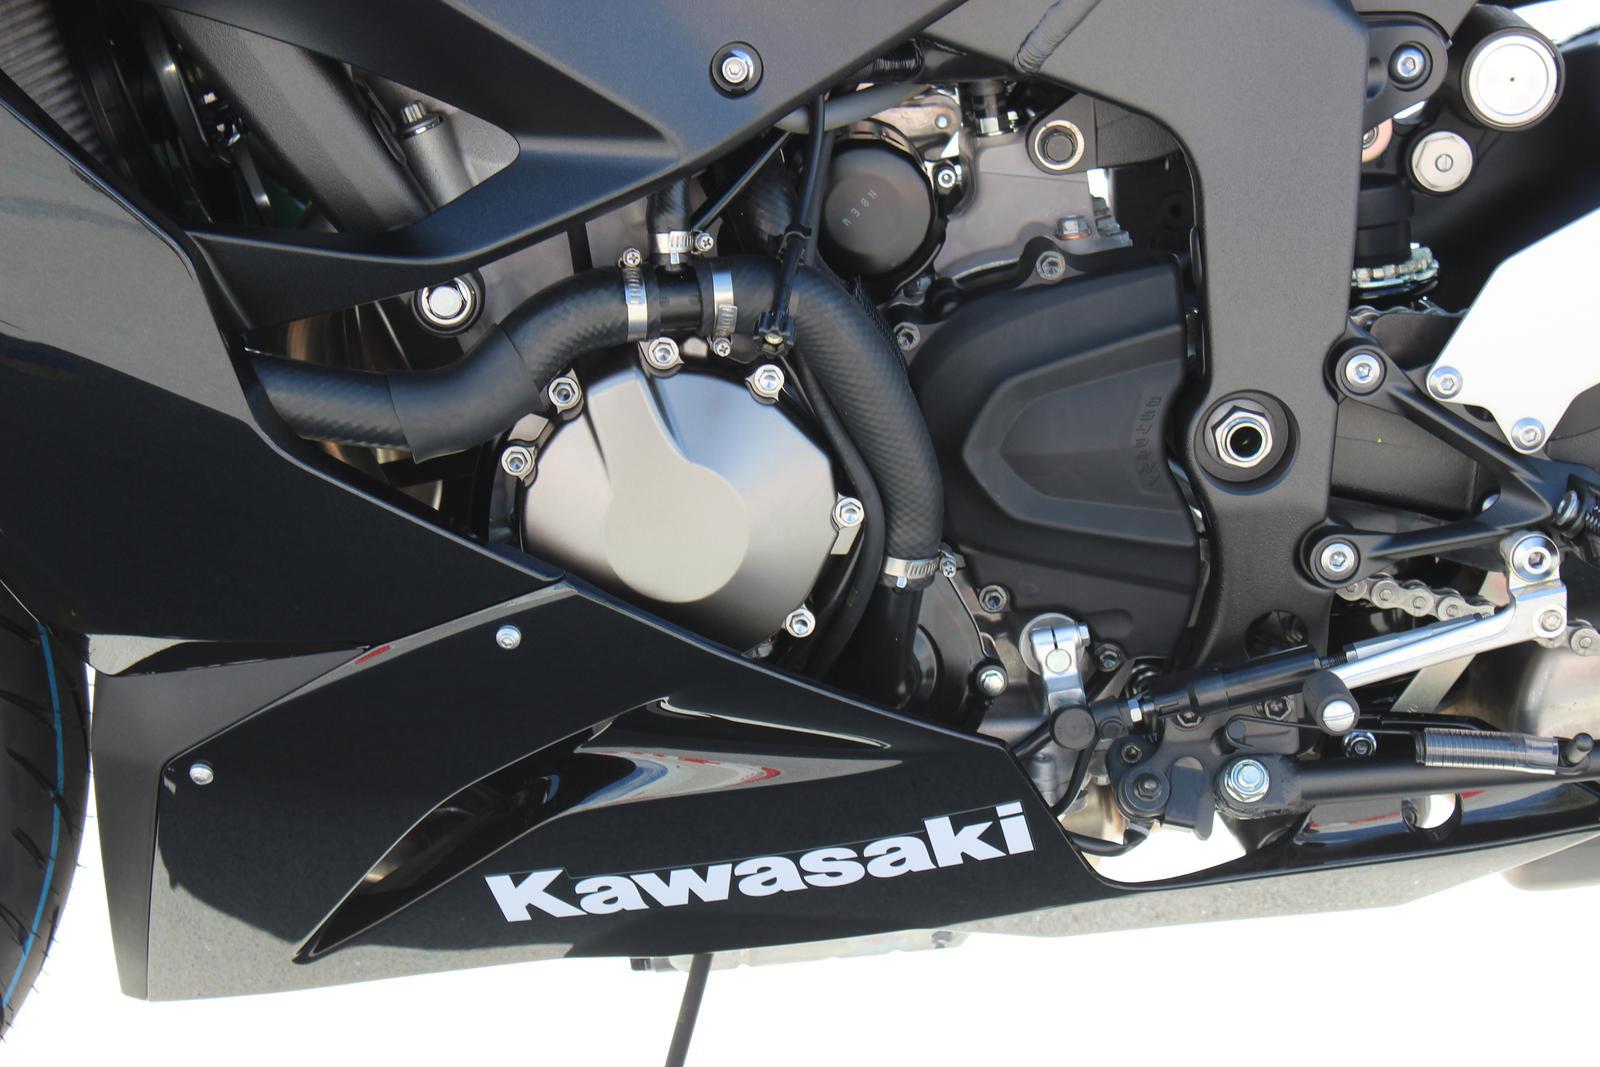 2019 Kawasaki Ninja Zx 6r For Sale In Scottsdale Az Go Az